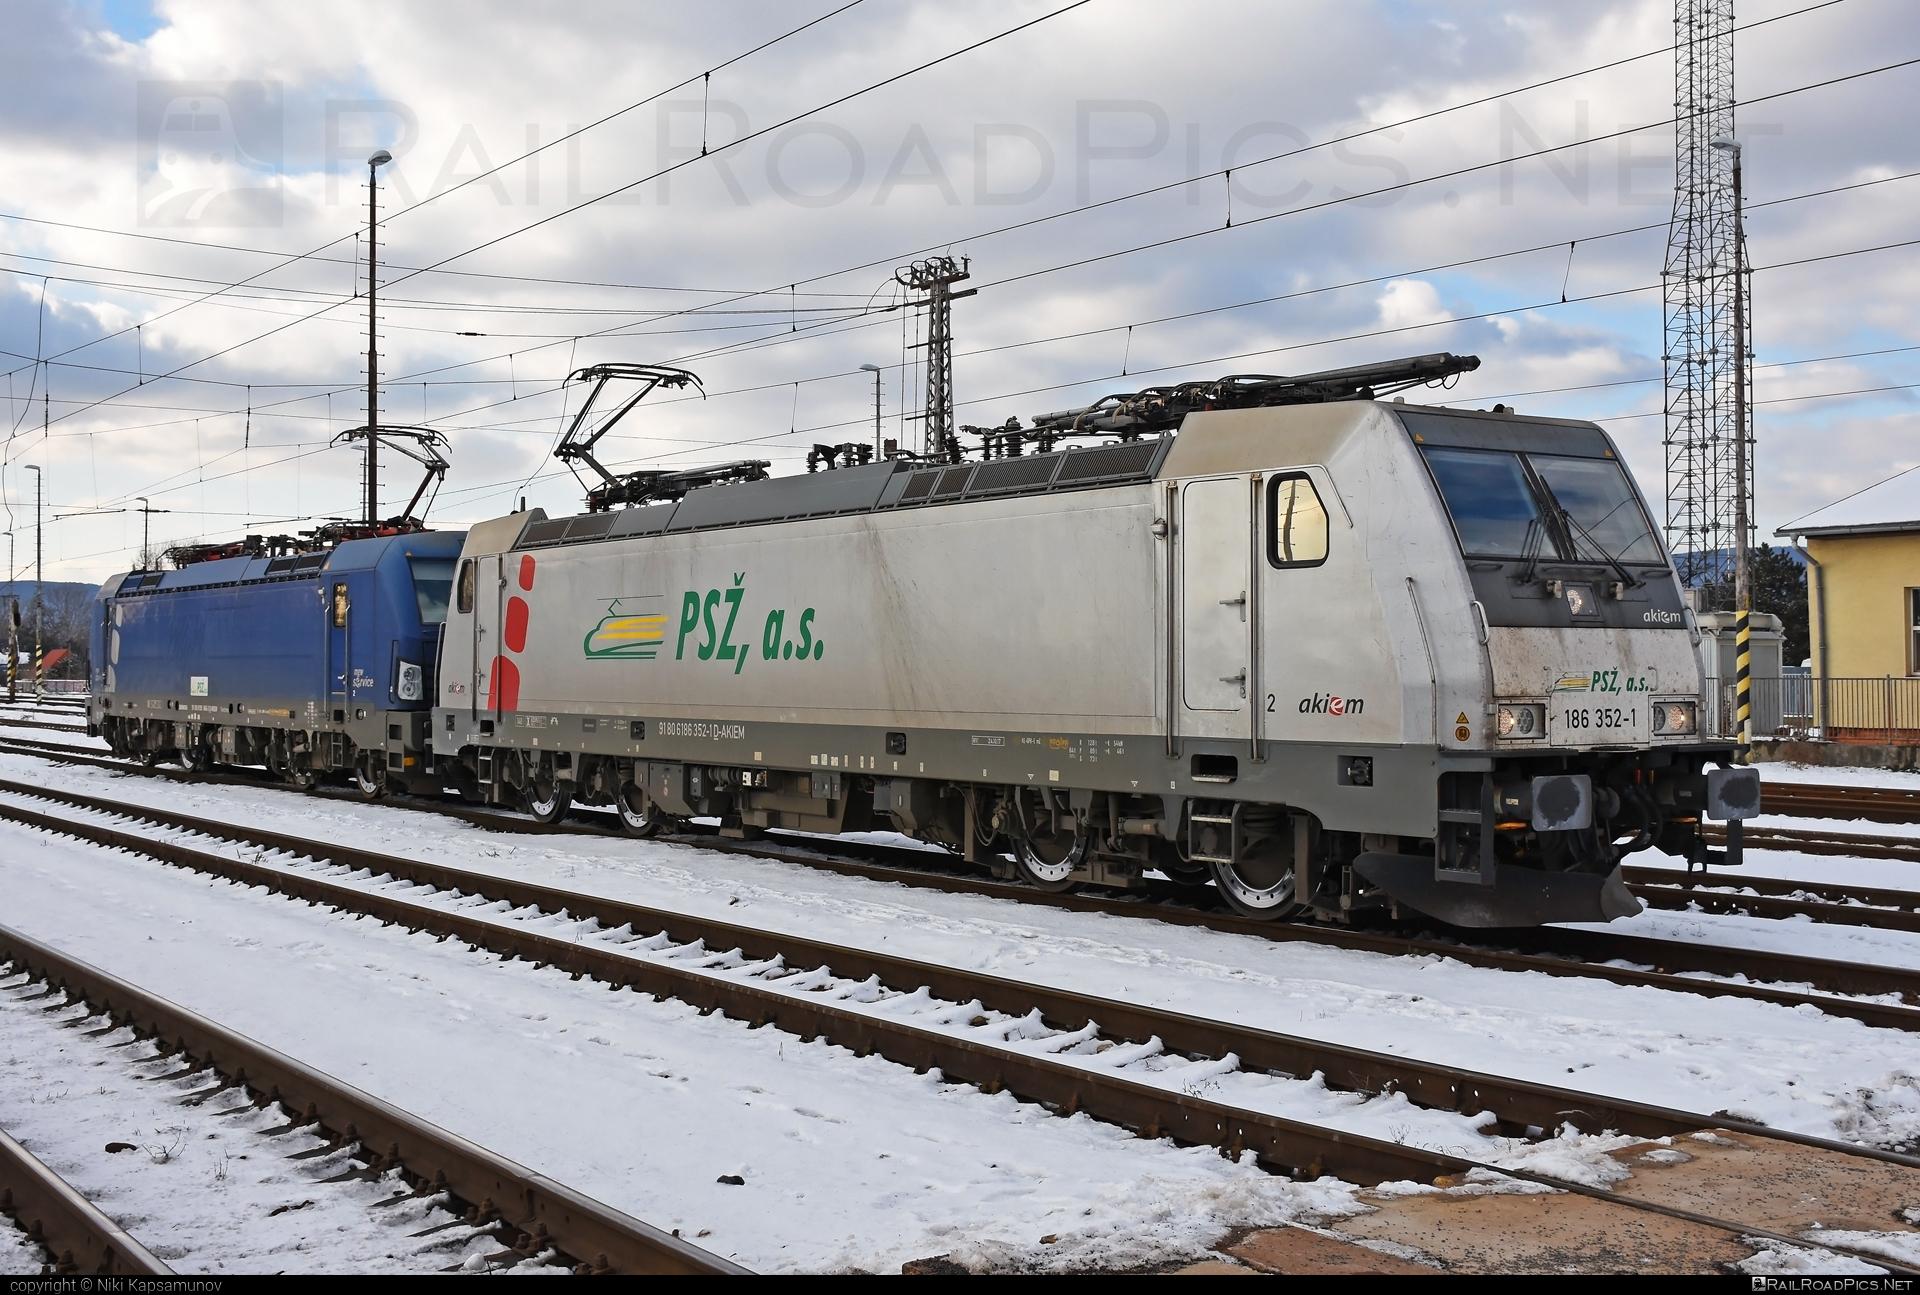 Bombardier TRAXX F140 MS - 186 352-1 operated by Prvá Slovenská železničná, a.s. #akiem #akiemsas #bombardier #bombardiertraxx #prvaslovenskazeleznicna #prvaslovenskazeleznicnaas #psz #traxx #traxxf140 #traxxf140ms